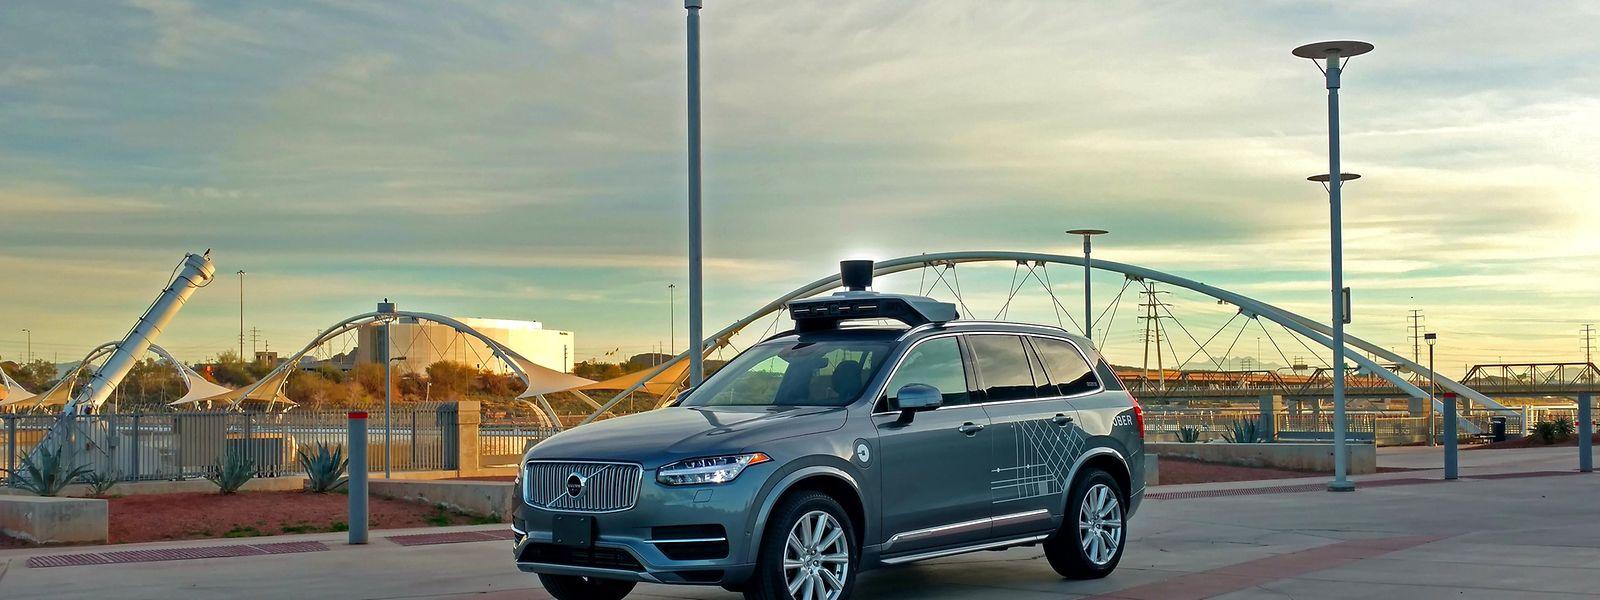 La voiture autonome, un secteur qui intéresse tous les grands groupes et qui pourrait voir le Luxembourg passer directement des taxis à des voitures sans chauffeur.